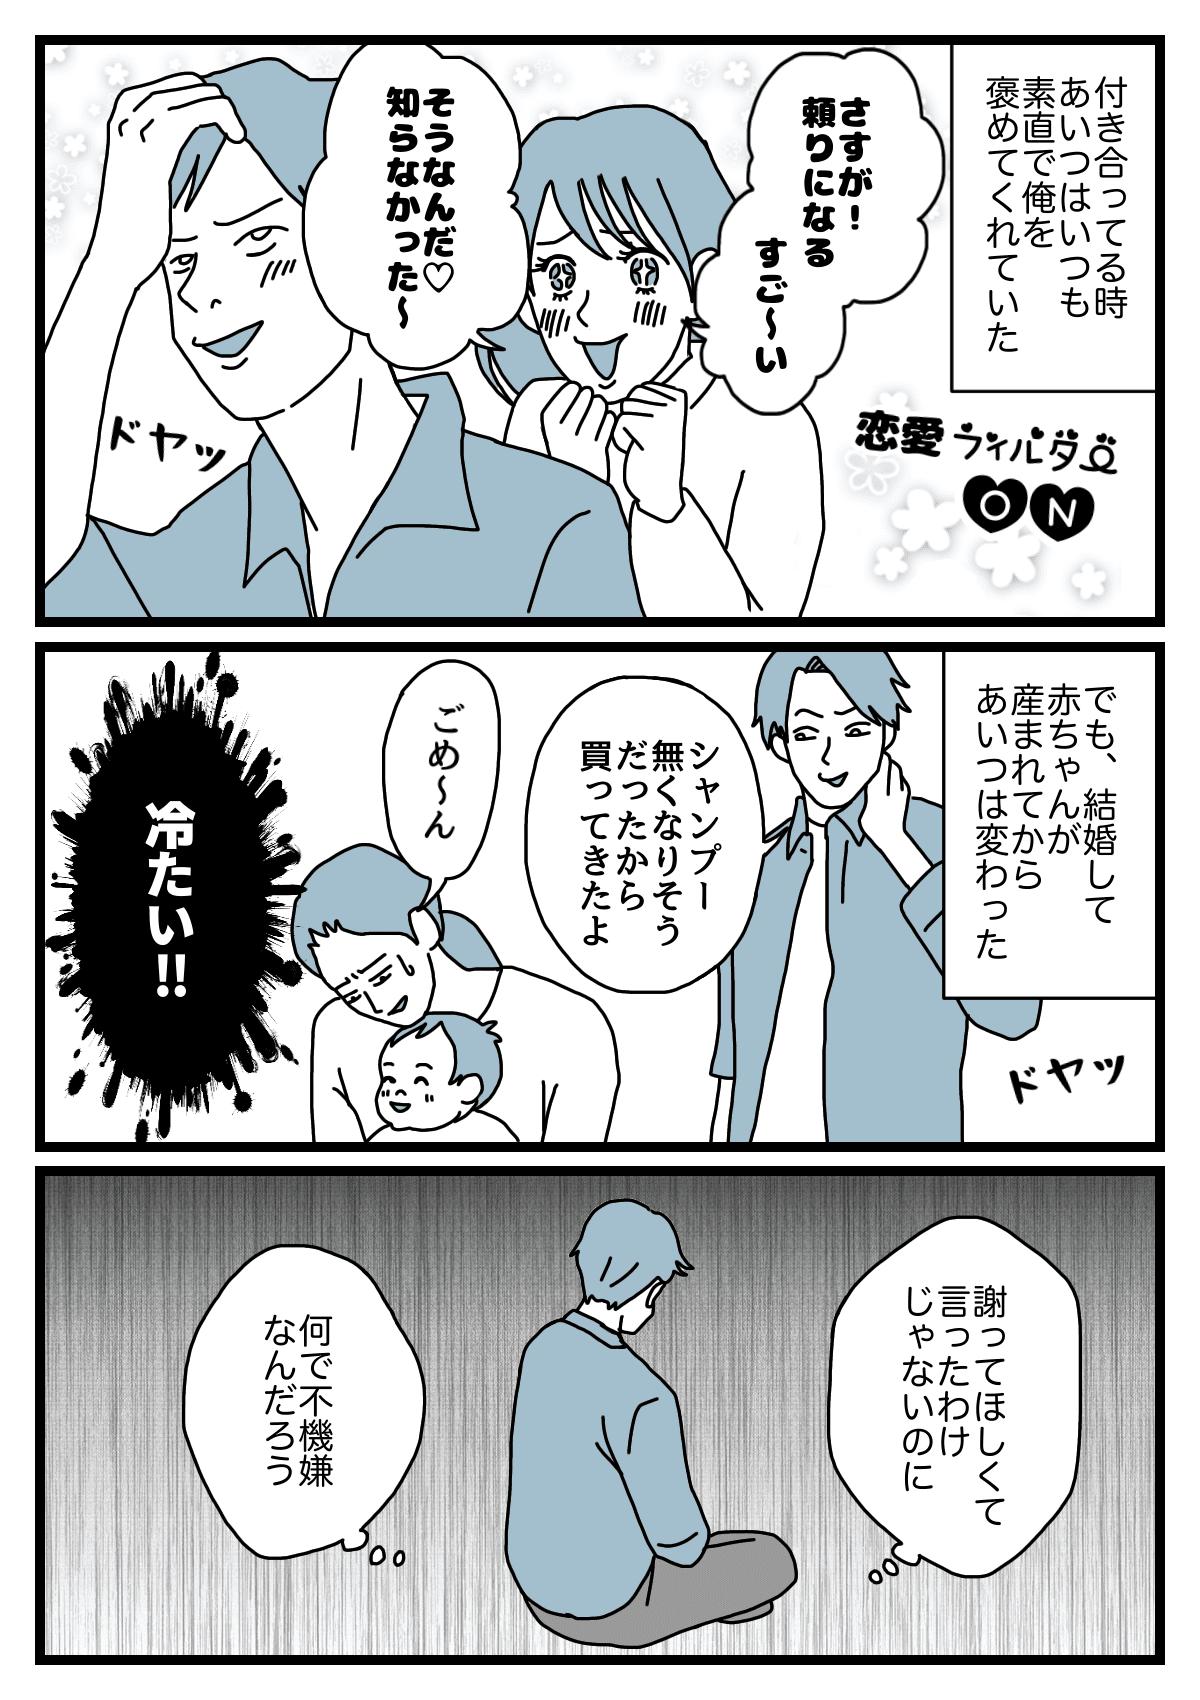 【後編】年上夫1